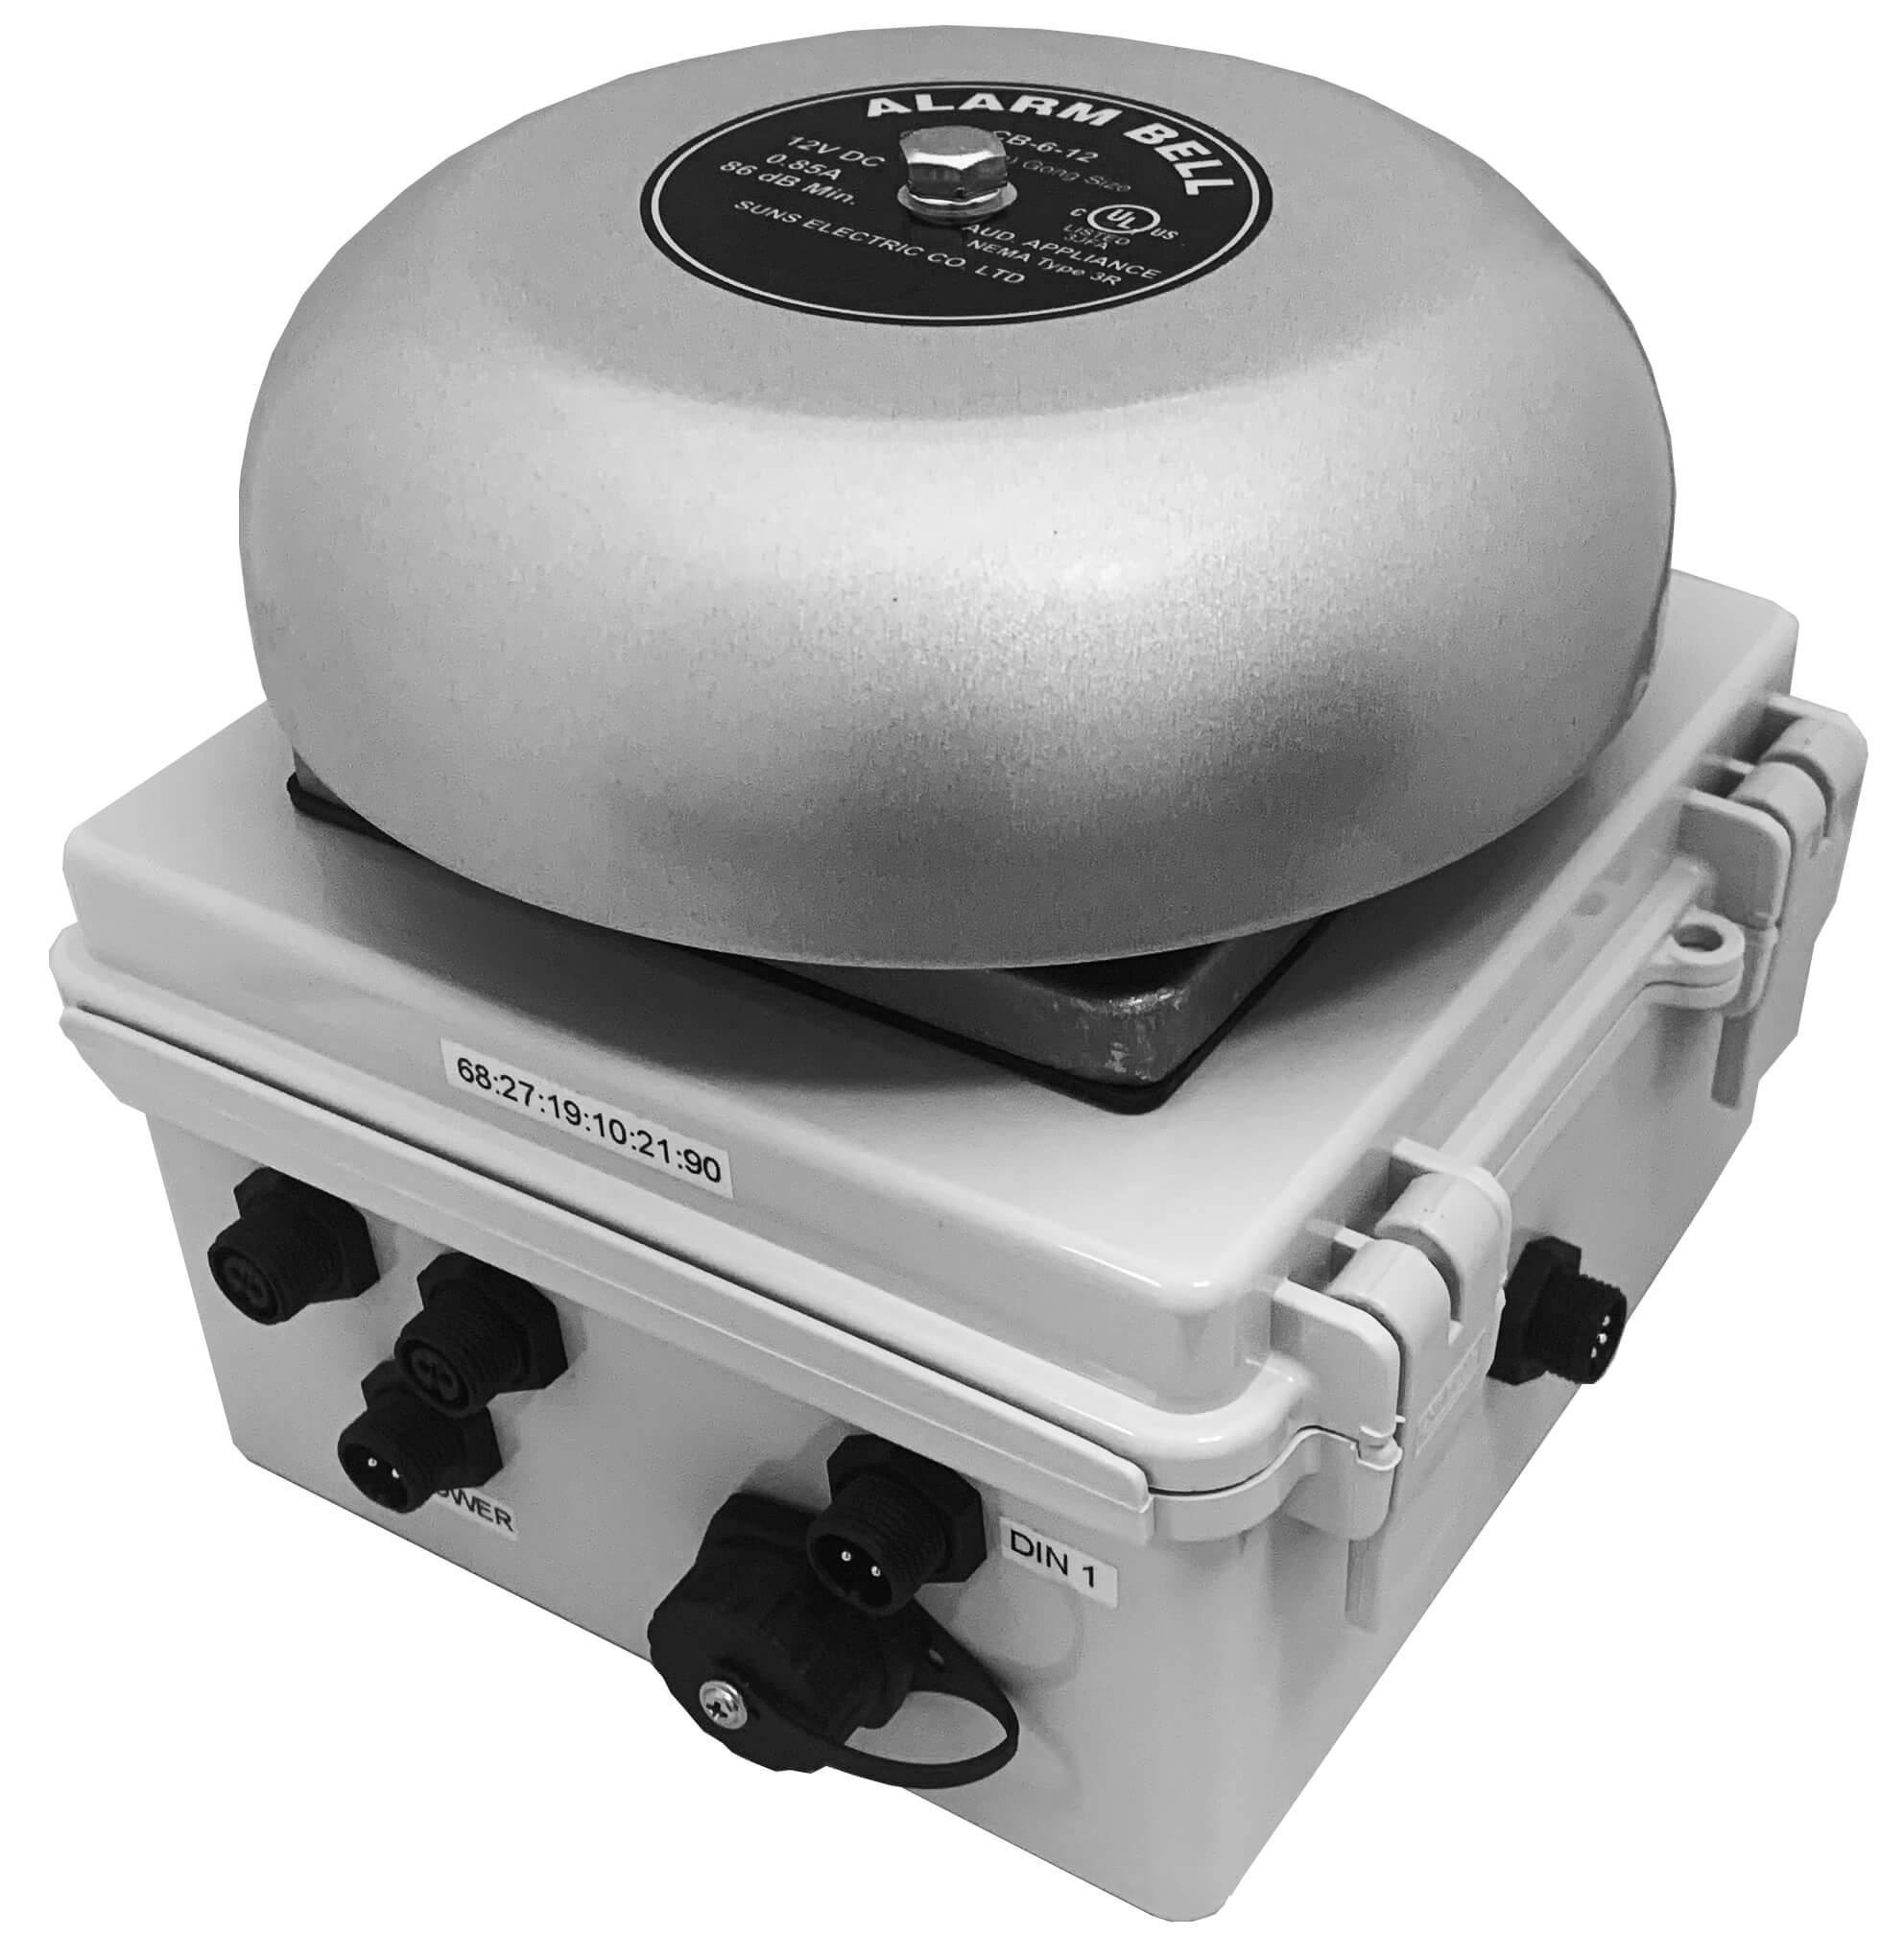 Netbell-K-M2-C Network Break Bell Clock System